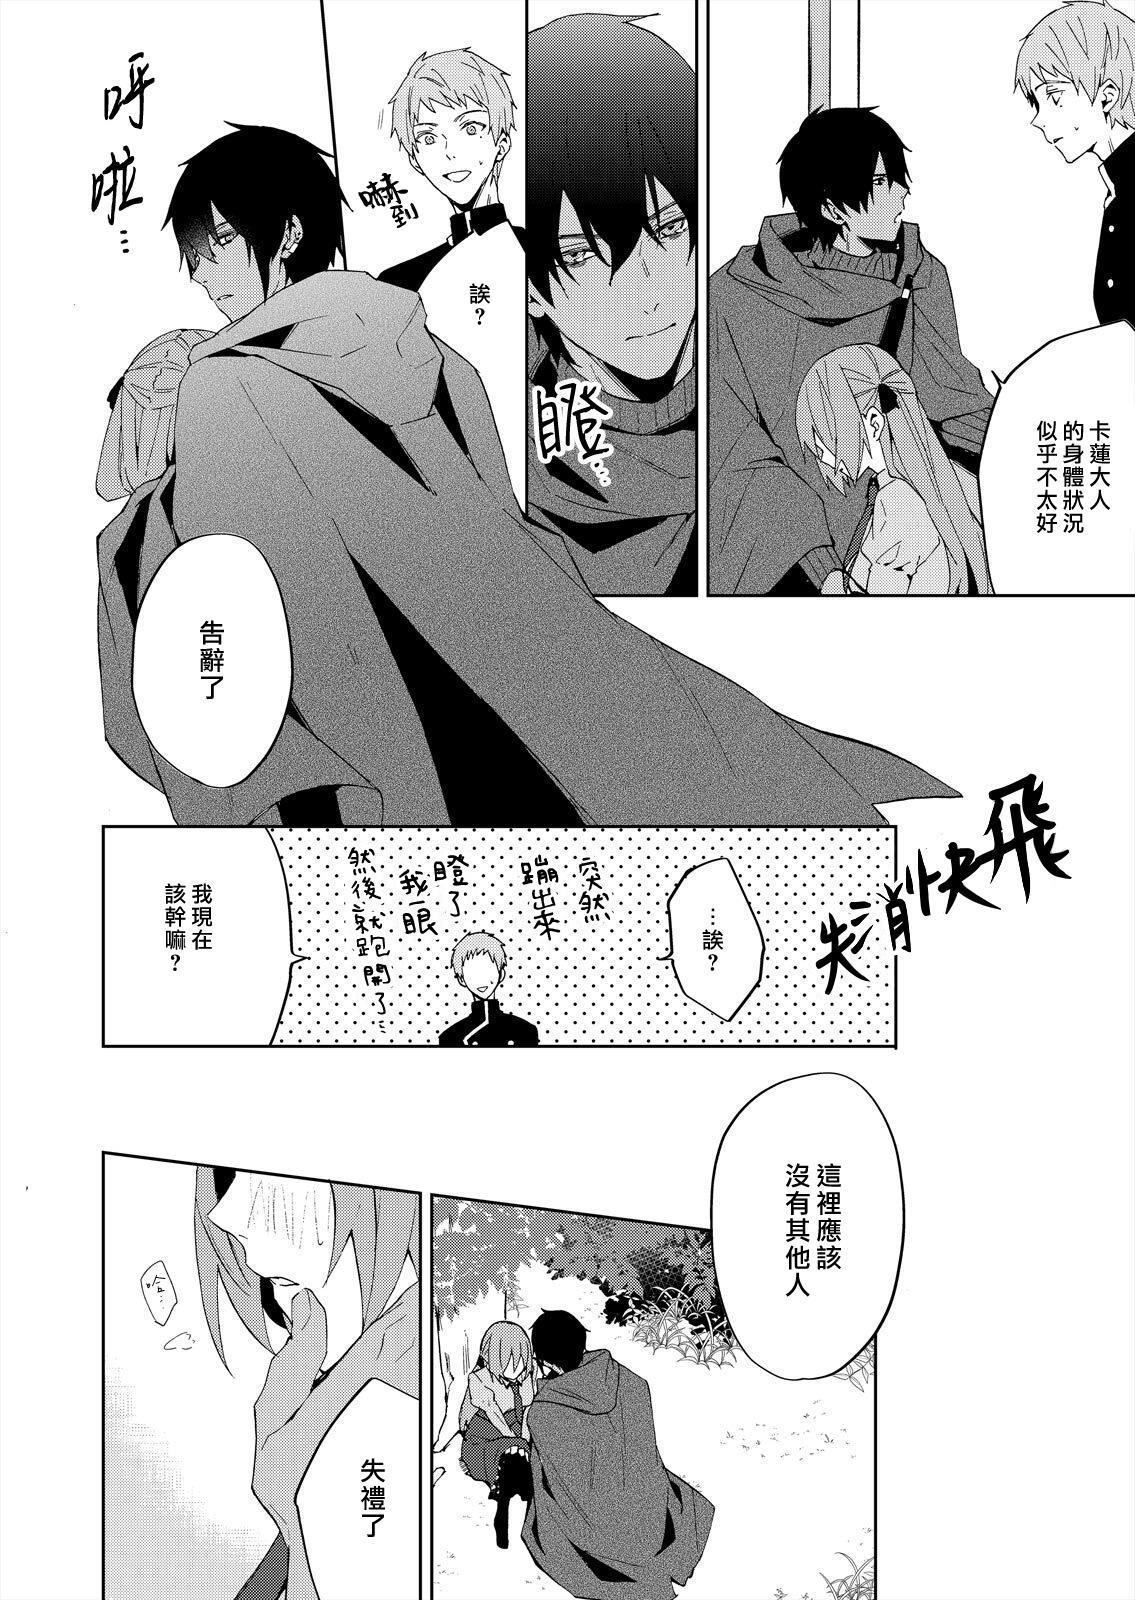 [Yuzushiwo] Akuyaku Reijou wa Ichizu ni Dekiai sarete ~Noumitsu Sex no Aite wa Juuboku~ | 被疯狂溺爱的反派大小姐~浓密性爱对象是仆从~ 1-4 [Chinese] [莉赛特汉化组] 47